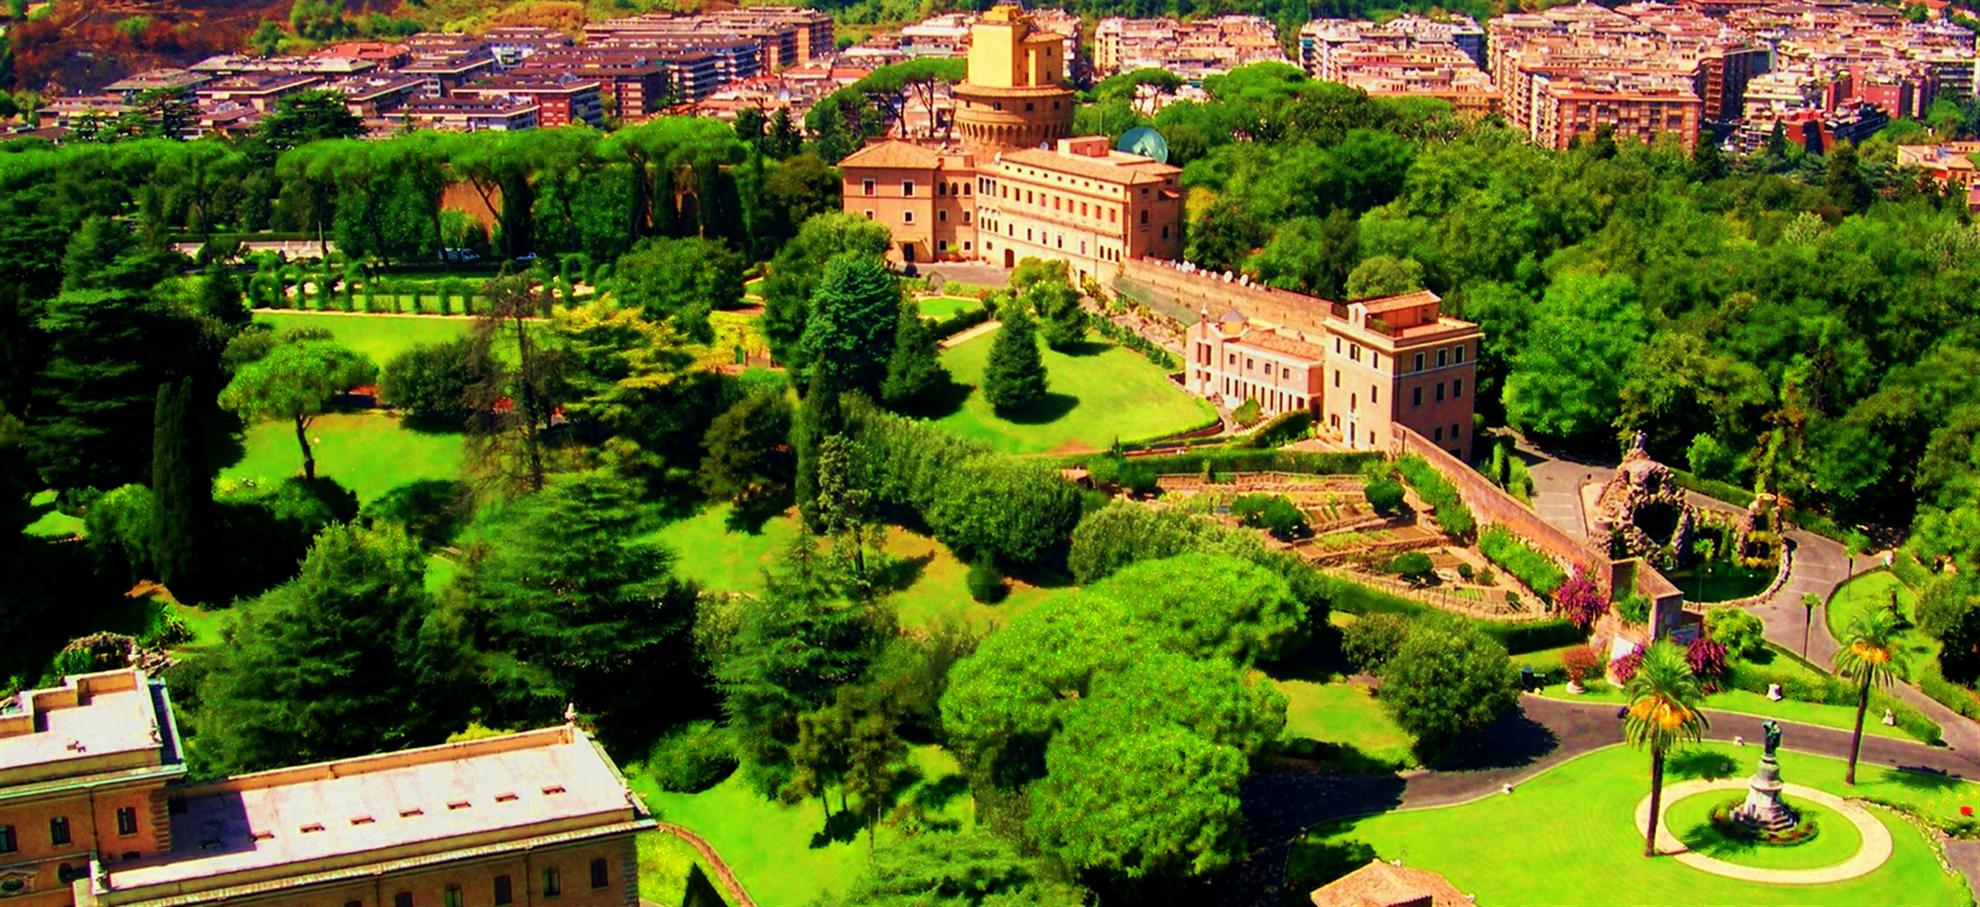 De Vaticaanse tuinen, met een mini open bus